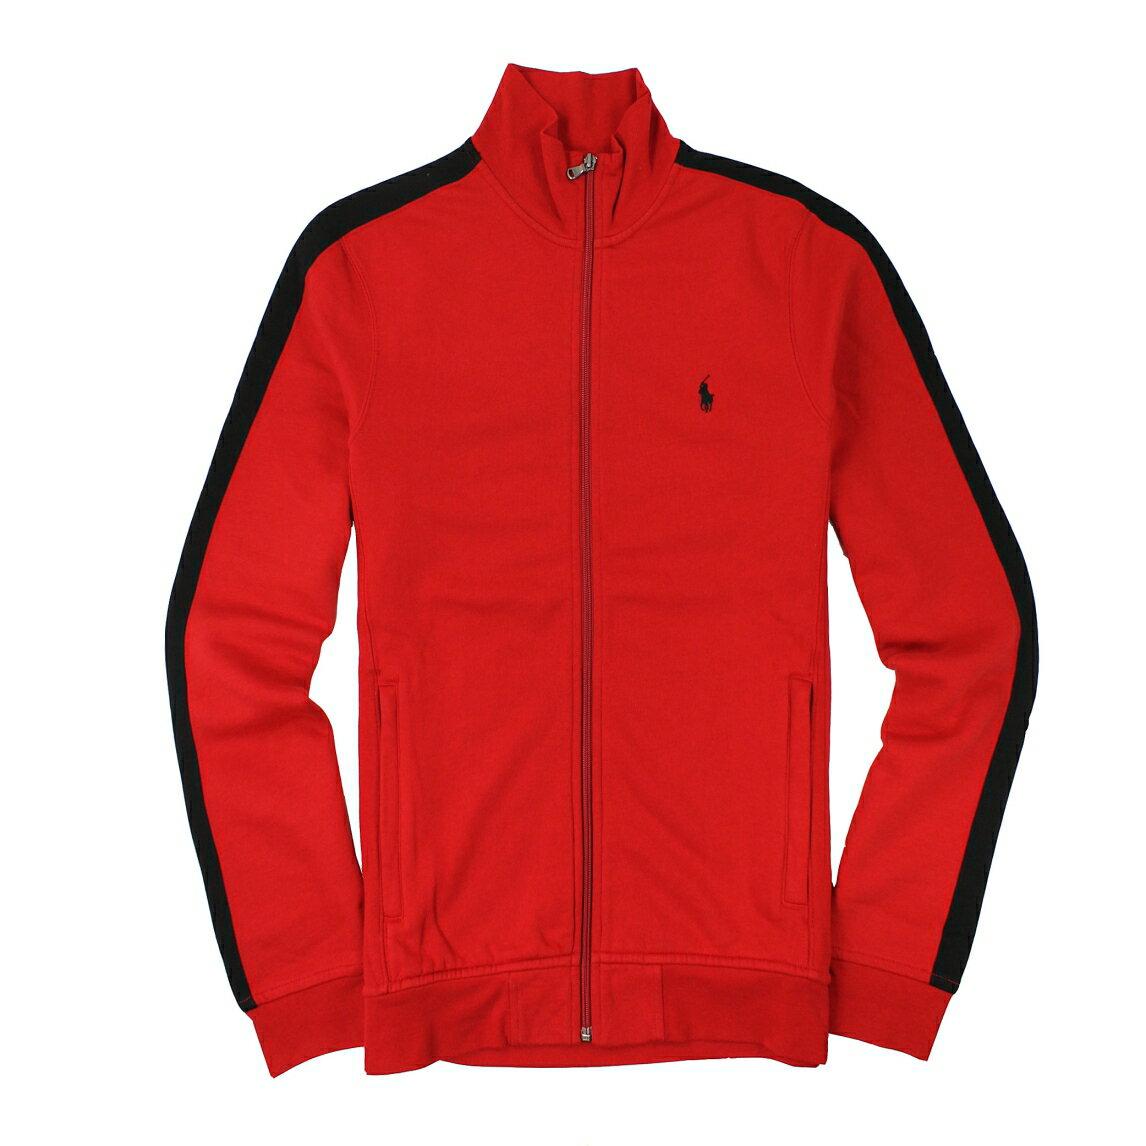 美國百分百【全新真品】Ralph Lauren 外套 RL 夾克 立領 Polo 小馬 紅色 立領 棉質 男衣 M號 A867